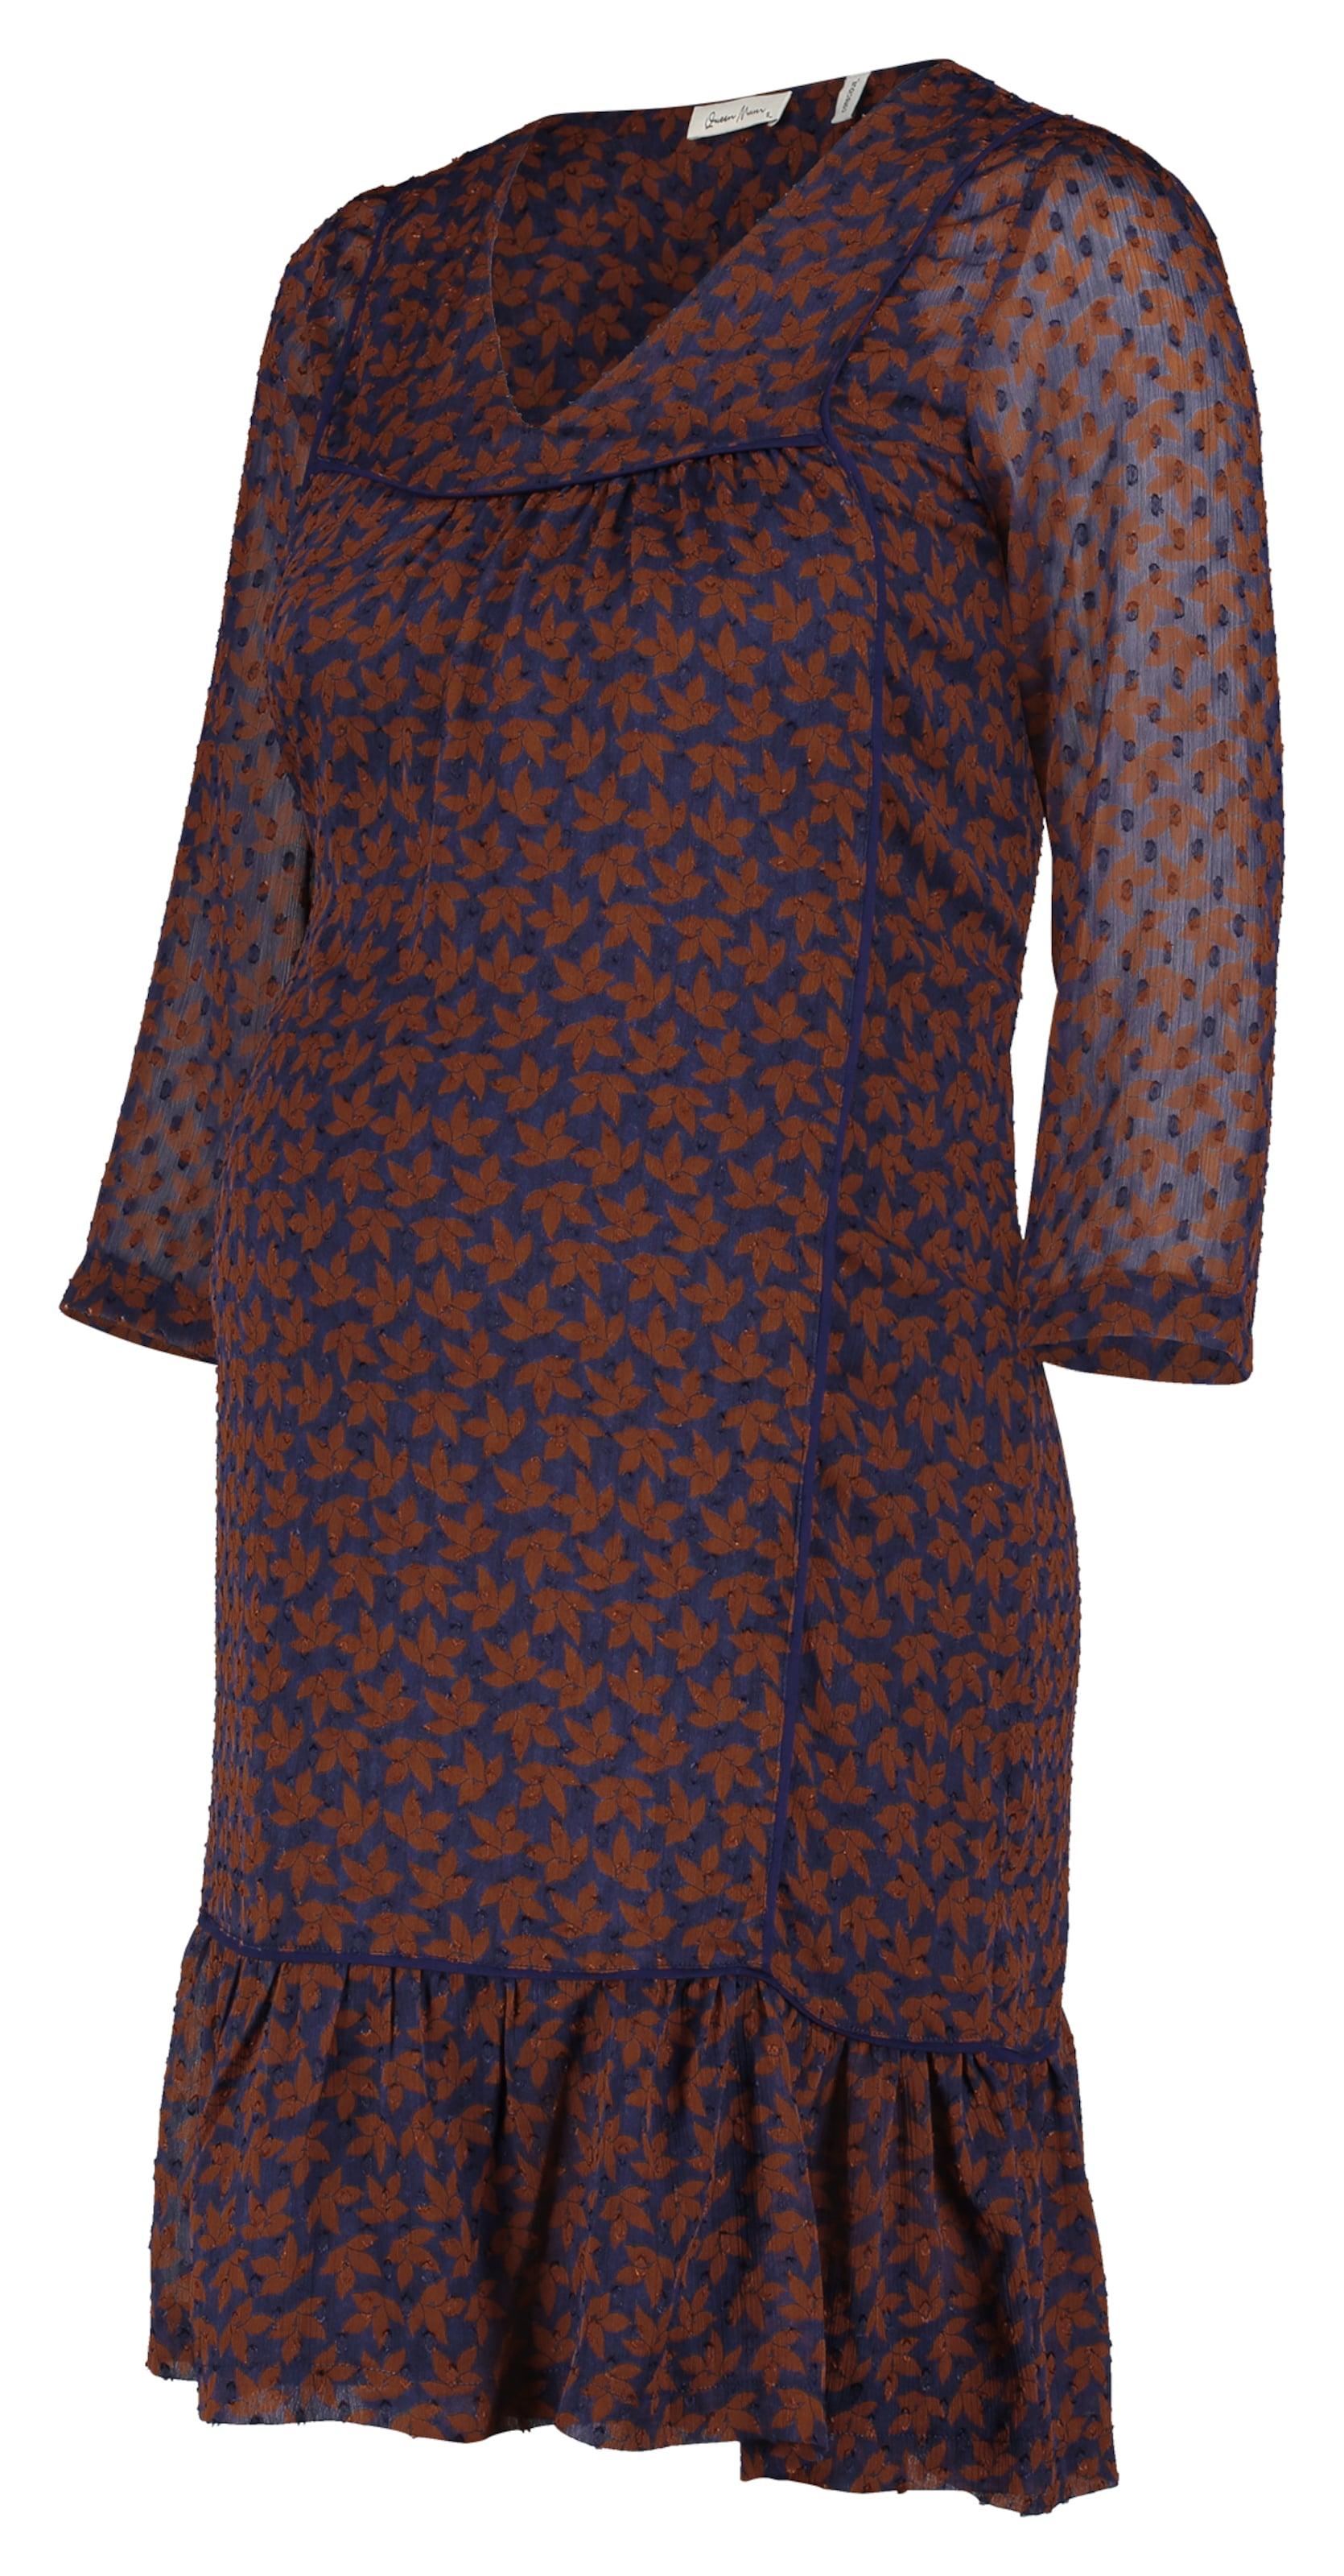 Kleid Queen Queen Kleid In Kleid Mum Queen Mum Mum Orange In Orange eQrBoWdxEC